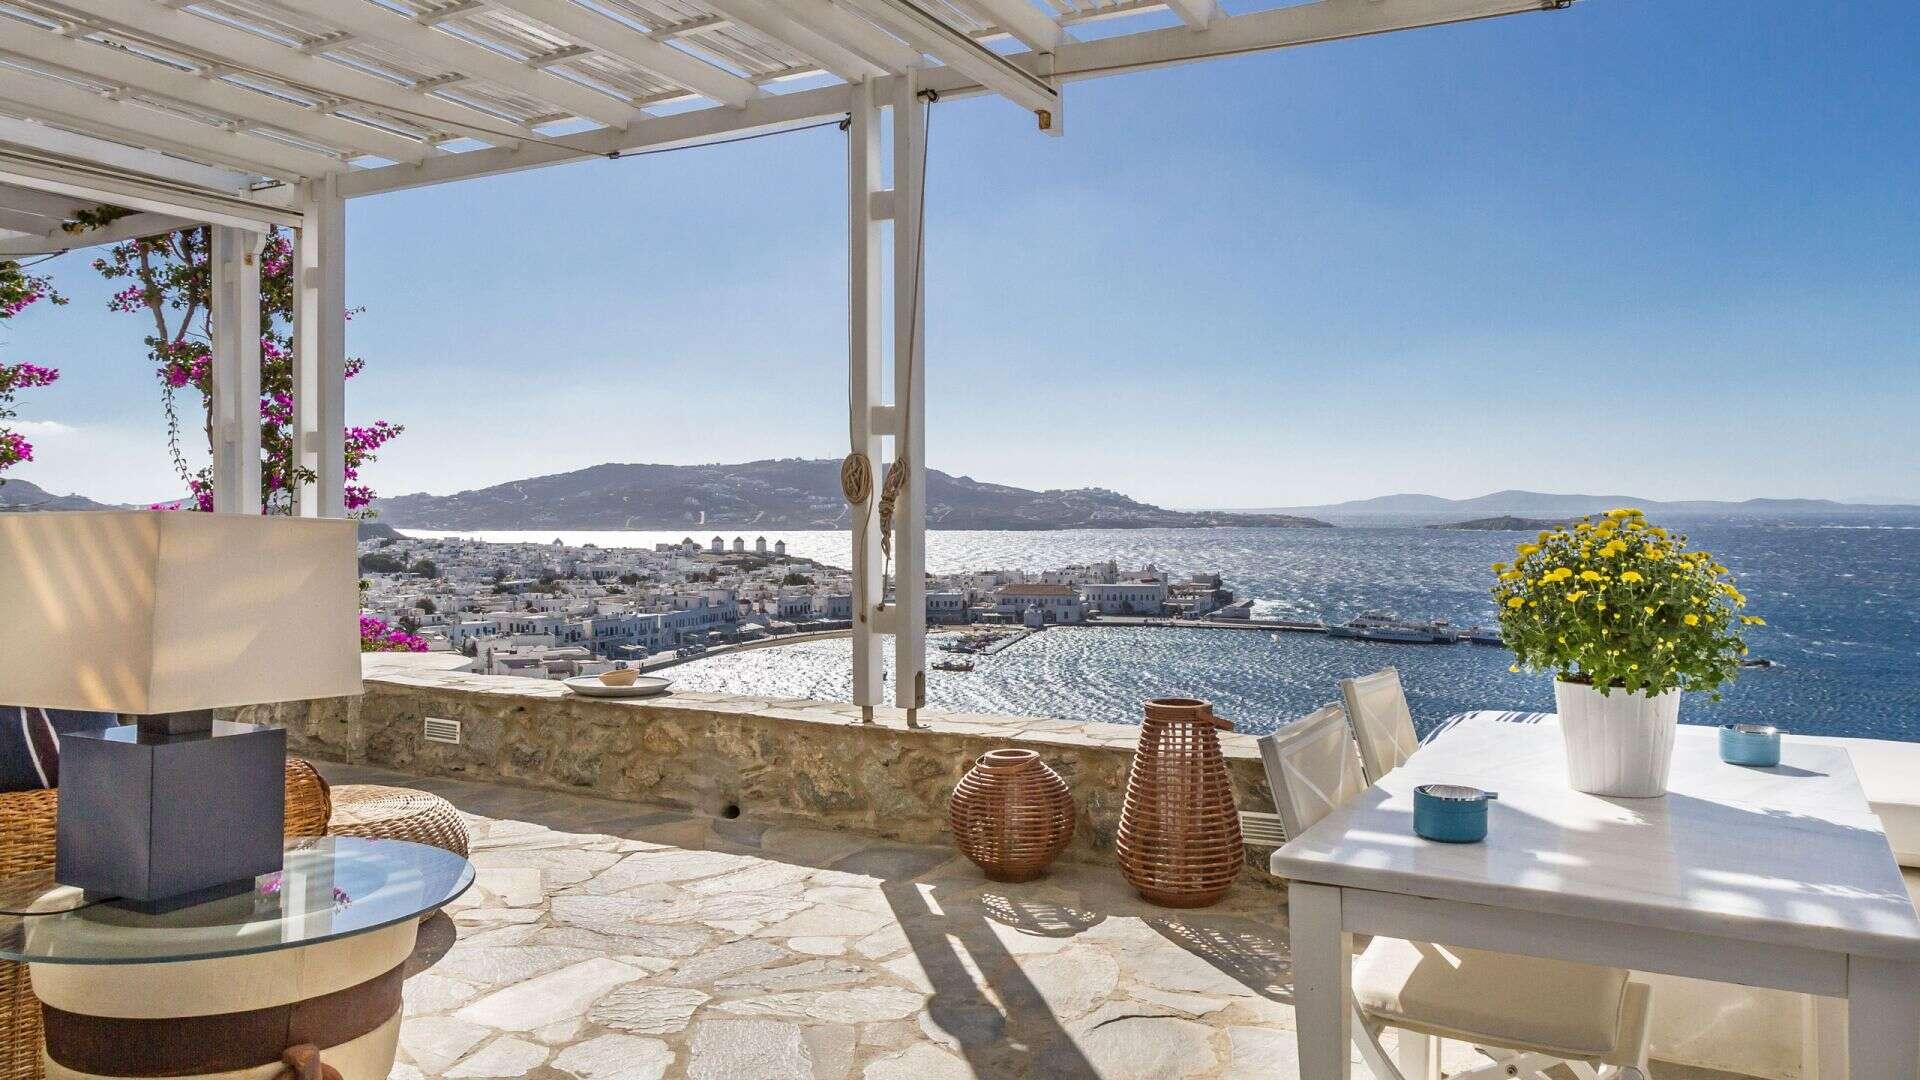 Luxury vacation rentals europe - Greece - Mykonos - Chora - Margo - Image 1/17